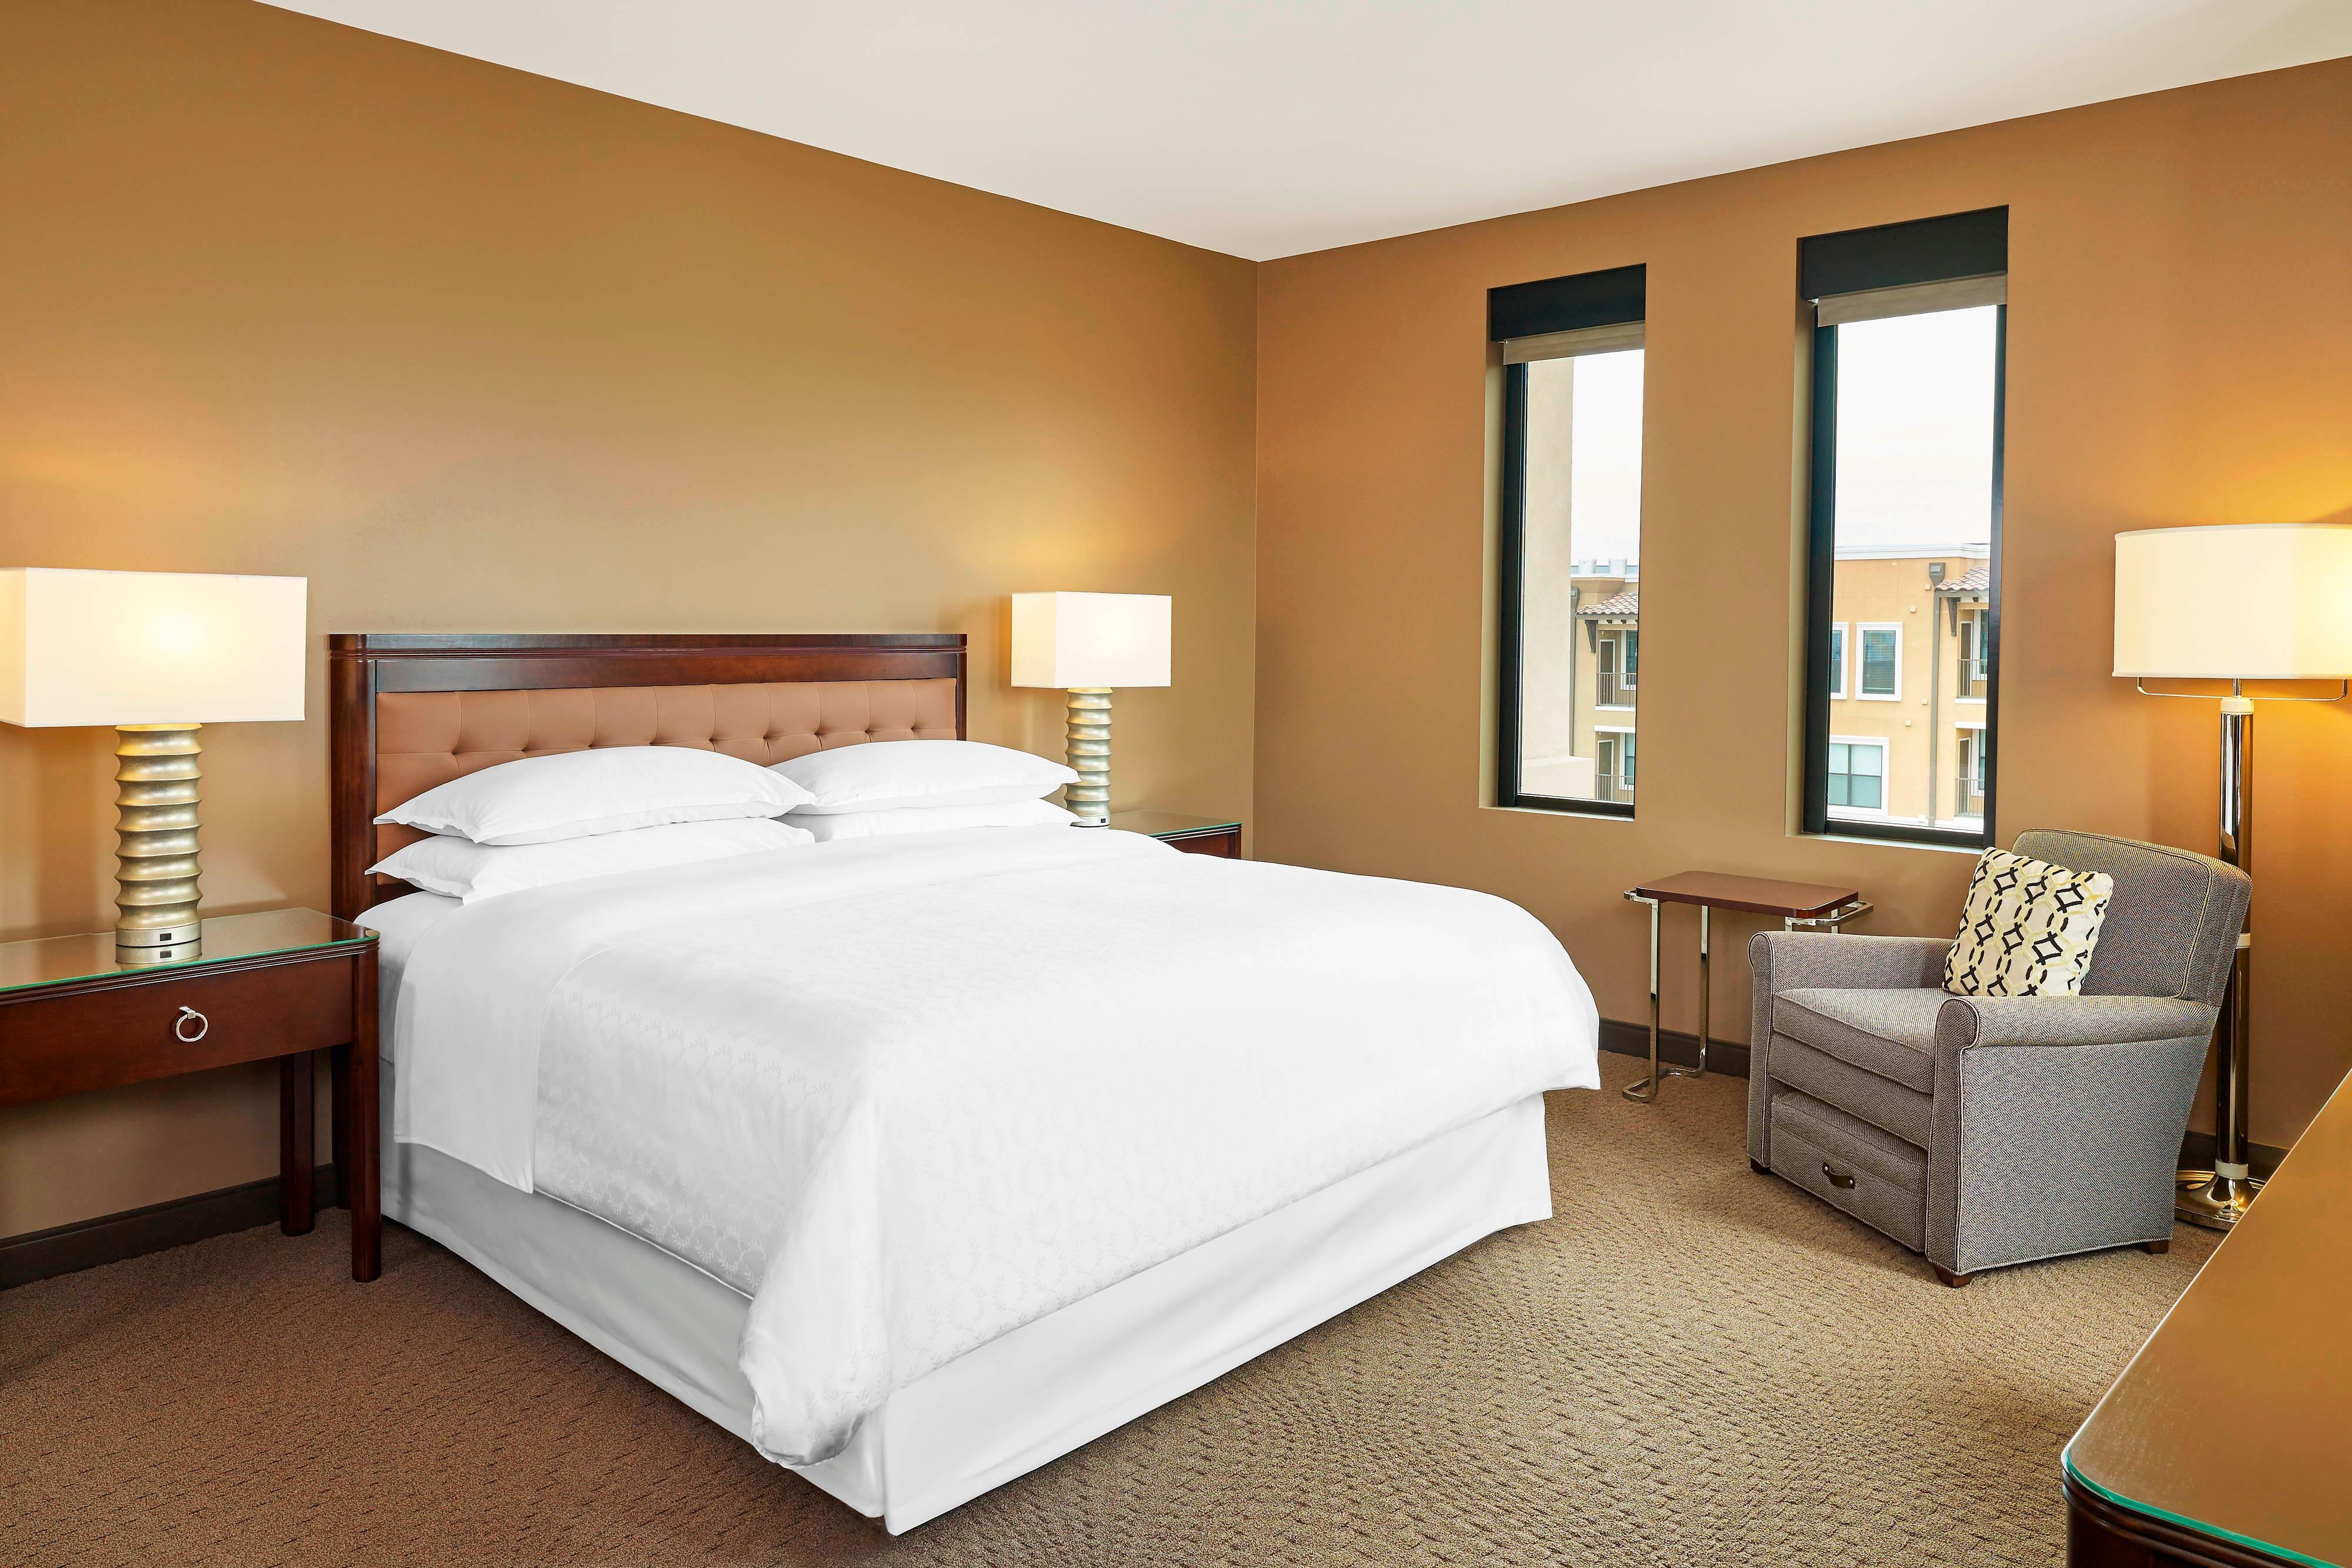 Habitación con cama tamaño King